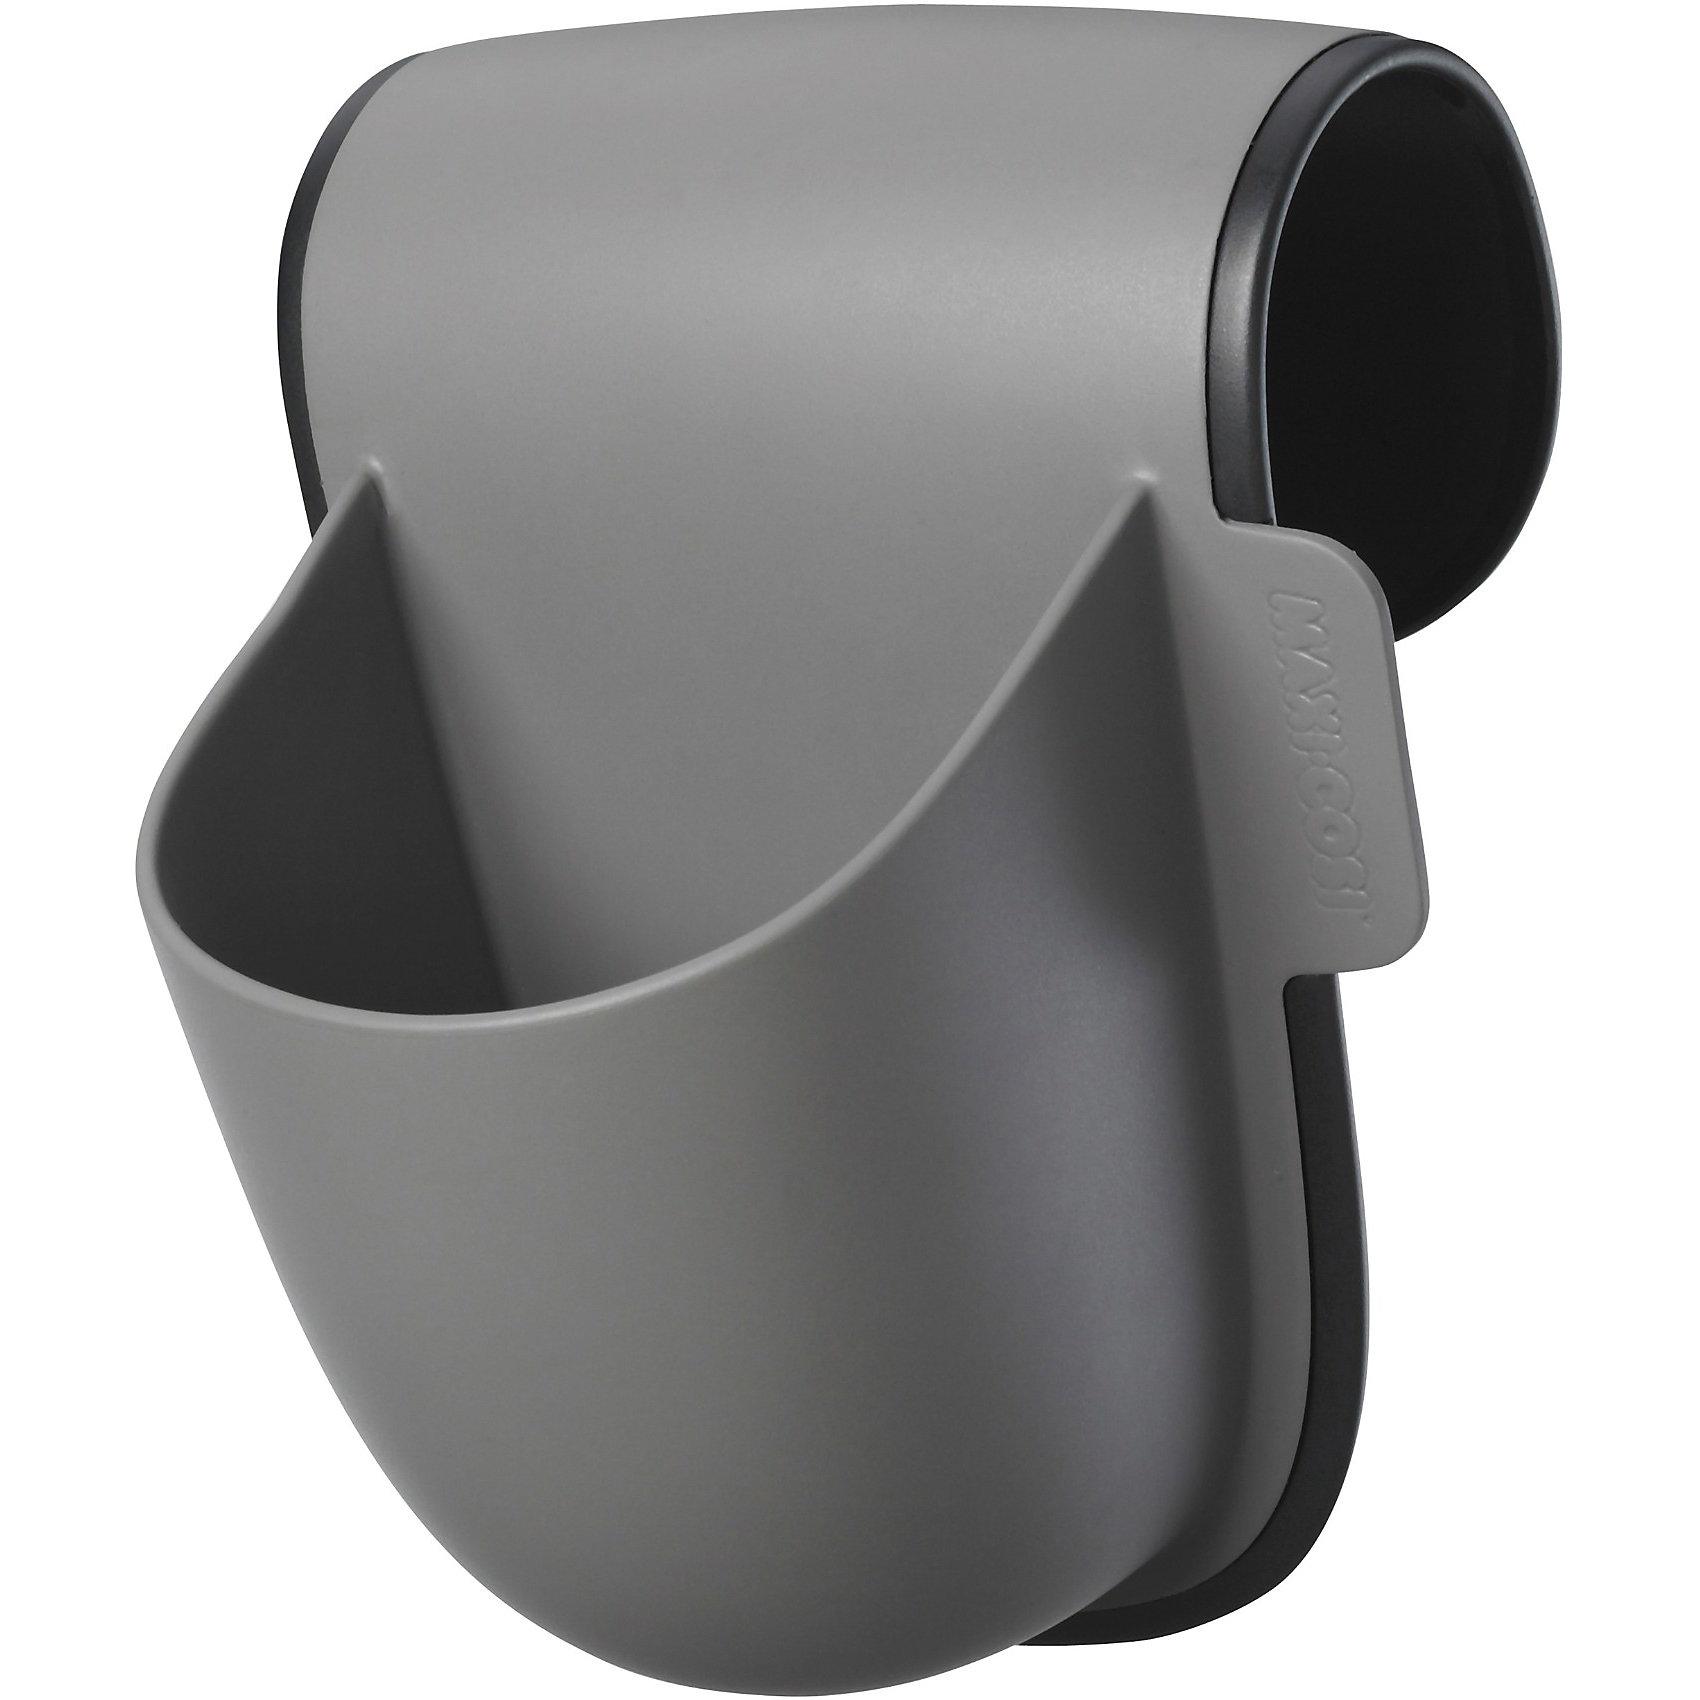 Подставка под бутылочку, Maxi-Cosi, серыйПодставка под бутылочку, Maxi-Cosi - удобный практичный аксессуар, который обеспечит Вам дополнительный комфорт во время поездок и путешествий с малышом. Подставка легко и прочно крепится на подлокотнике автокресел и надежно фиксирует бутылочку малыша. Вы можете не волноваться, что вода или другая жидкость разольются во время движения автомобиля. Подставка крепится сбоку на подлокотнике автокресла Maxi-Cosi группы 1/2/3 и подходит для бутылочек, поильников и стаканчиков. Кроме того, ее можно использовать как жесткий кармашек для мелочей. Аксессуар выполнен из прочного пластика, легко снимается и моется. Подставка совместима с моделями автокресел: Maxi-Cosi  2wayPearl, Axiss, Rodi SPS, Rodi XP, MiloFix, Rubi, Rodi AirProtect, Priori SPS, Priori XP, Tobi, Pearl. <br><br>Дополнительная информация:<br><br>- Цвет: серый.<br>- Материал: пластик.<br>- Вес в упаковке: 0,2 кг.<br><br>Подставку под бутылочку, Maxi-Cosi, серый, можно купить в нашем интернет-магазине.<br><br>Ширина мм: 175<br>Глубина мм: 160<br>Высота мм: 141<br>Вес г: 298<br>Цвет: серый<br>Возраст от месяцев: 9<br>Возраст до месяцев: 48<br>Пол: Унисекс<br>Возраст: Детский<br>SKU: 1918704